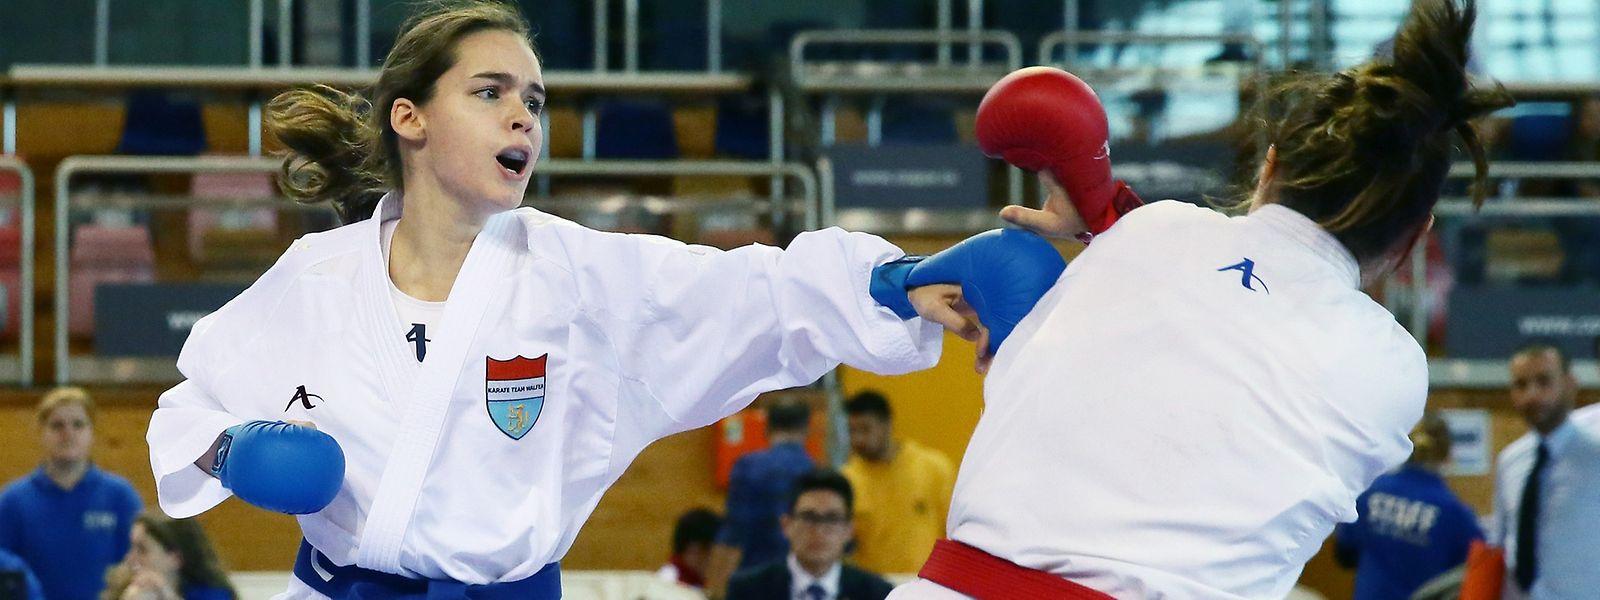 Wehe wenn sie trifft: Karateka Jenny Warling gehört in ihrer Gewichtsklasse zur Weltelite.